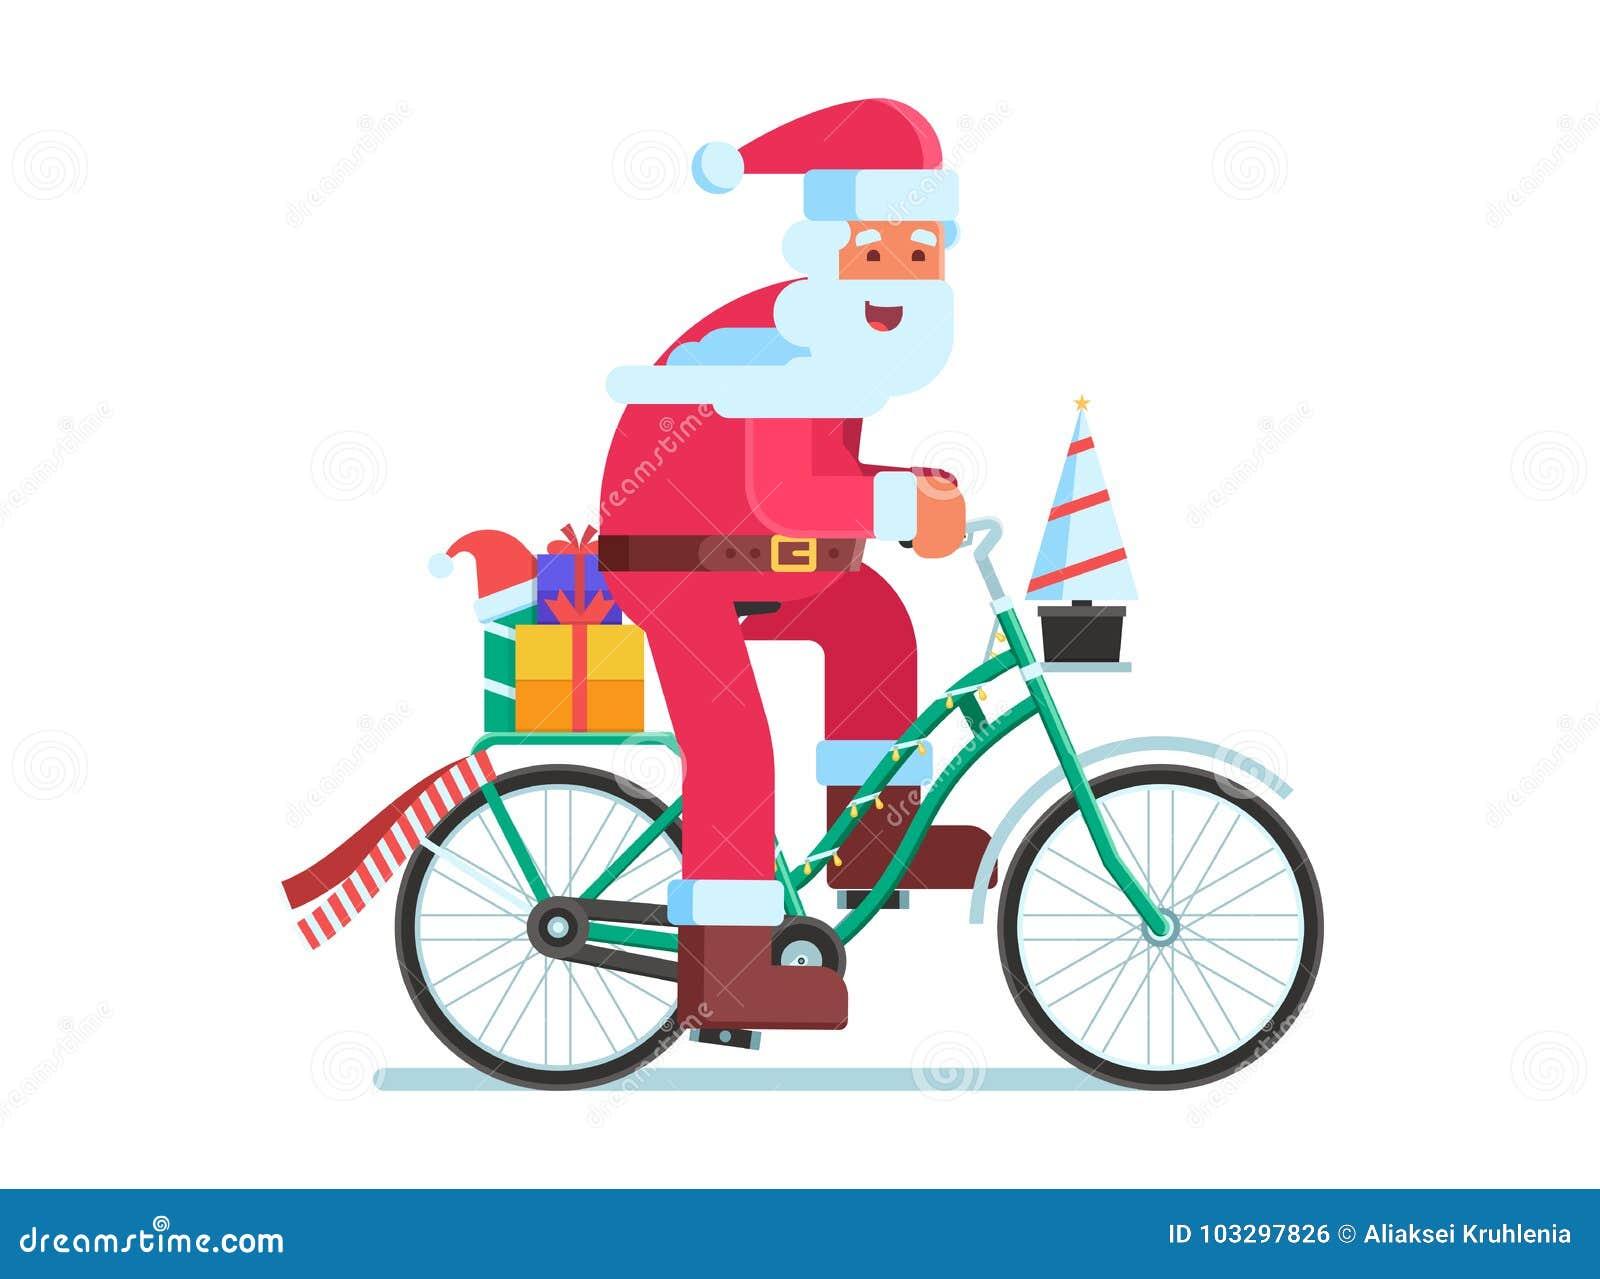 Santa With Gift Bag On Christmas Bike Stock Vector ...